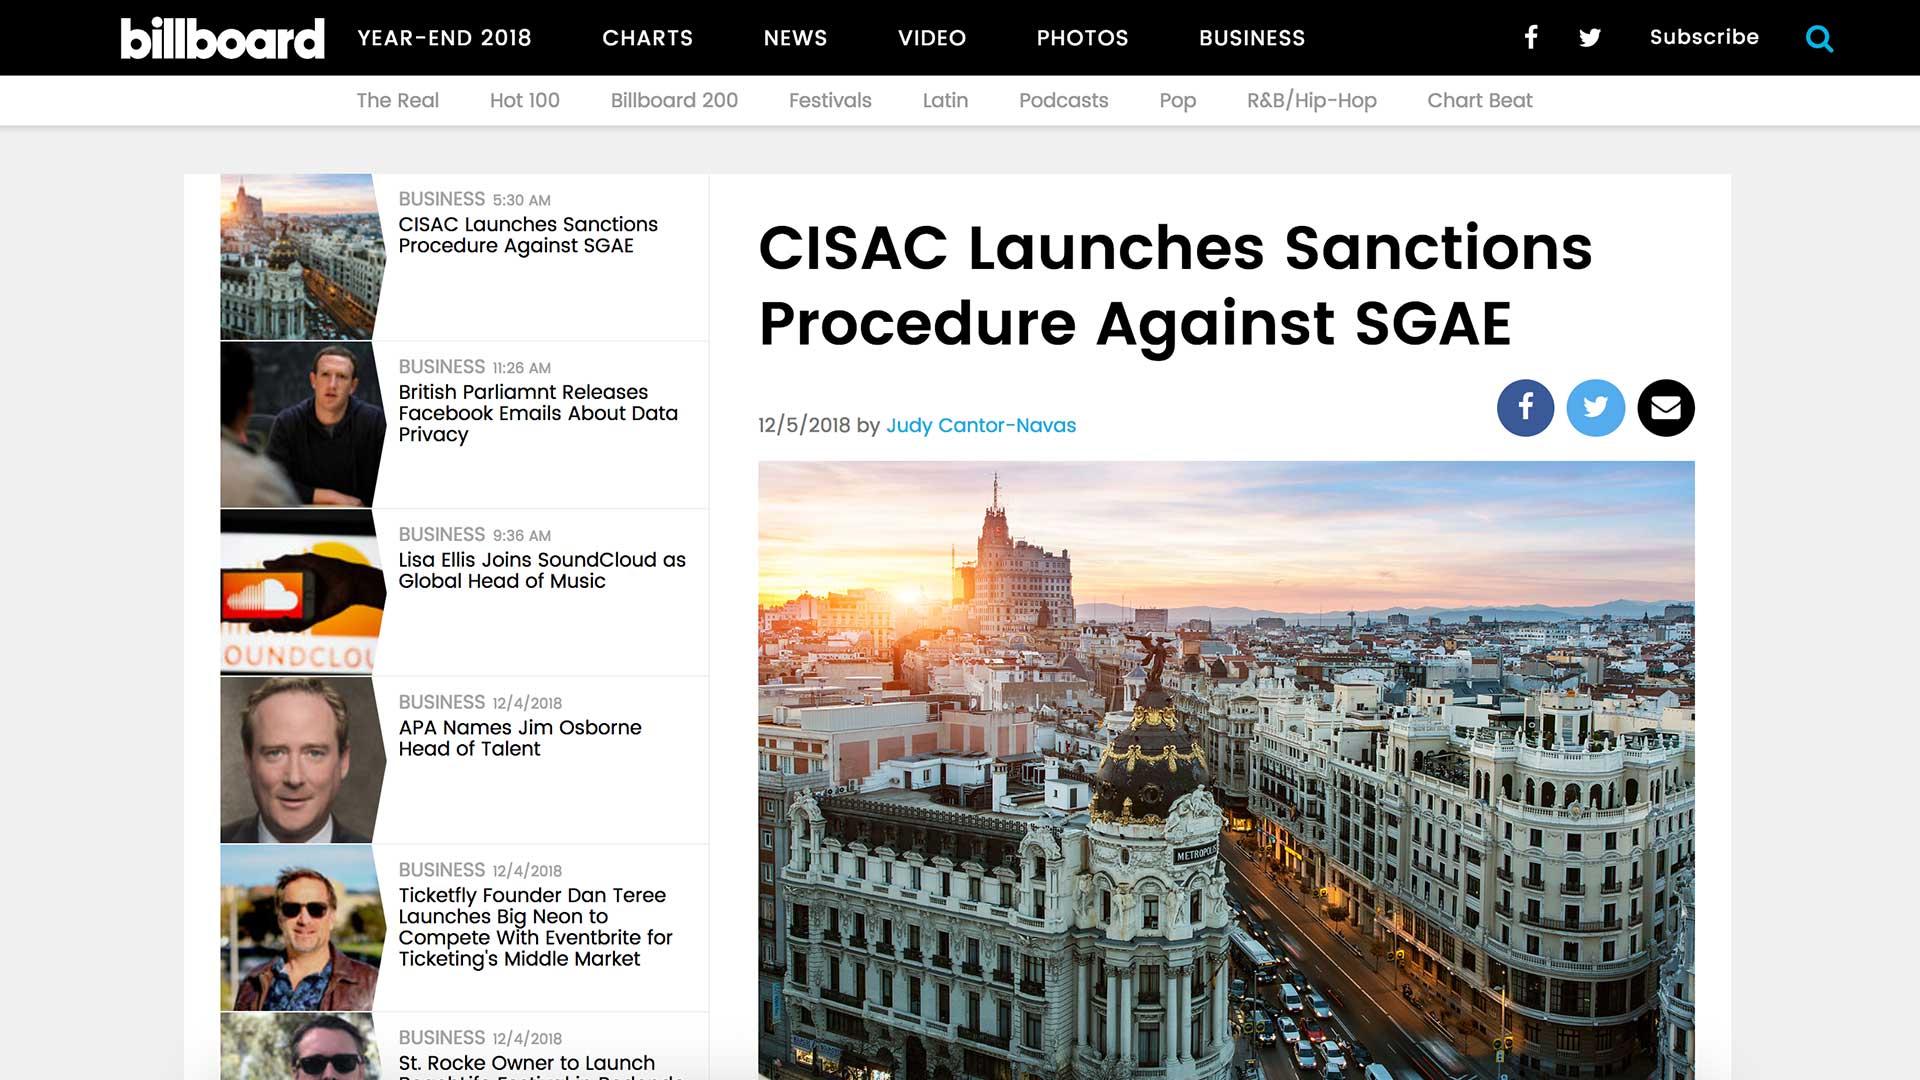 Fairness Rocks News CISAC Launches Sanctions Procedure Against SGAE